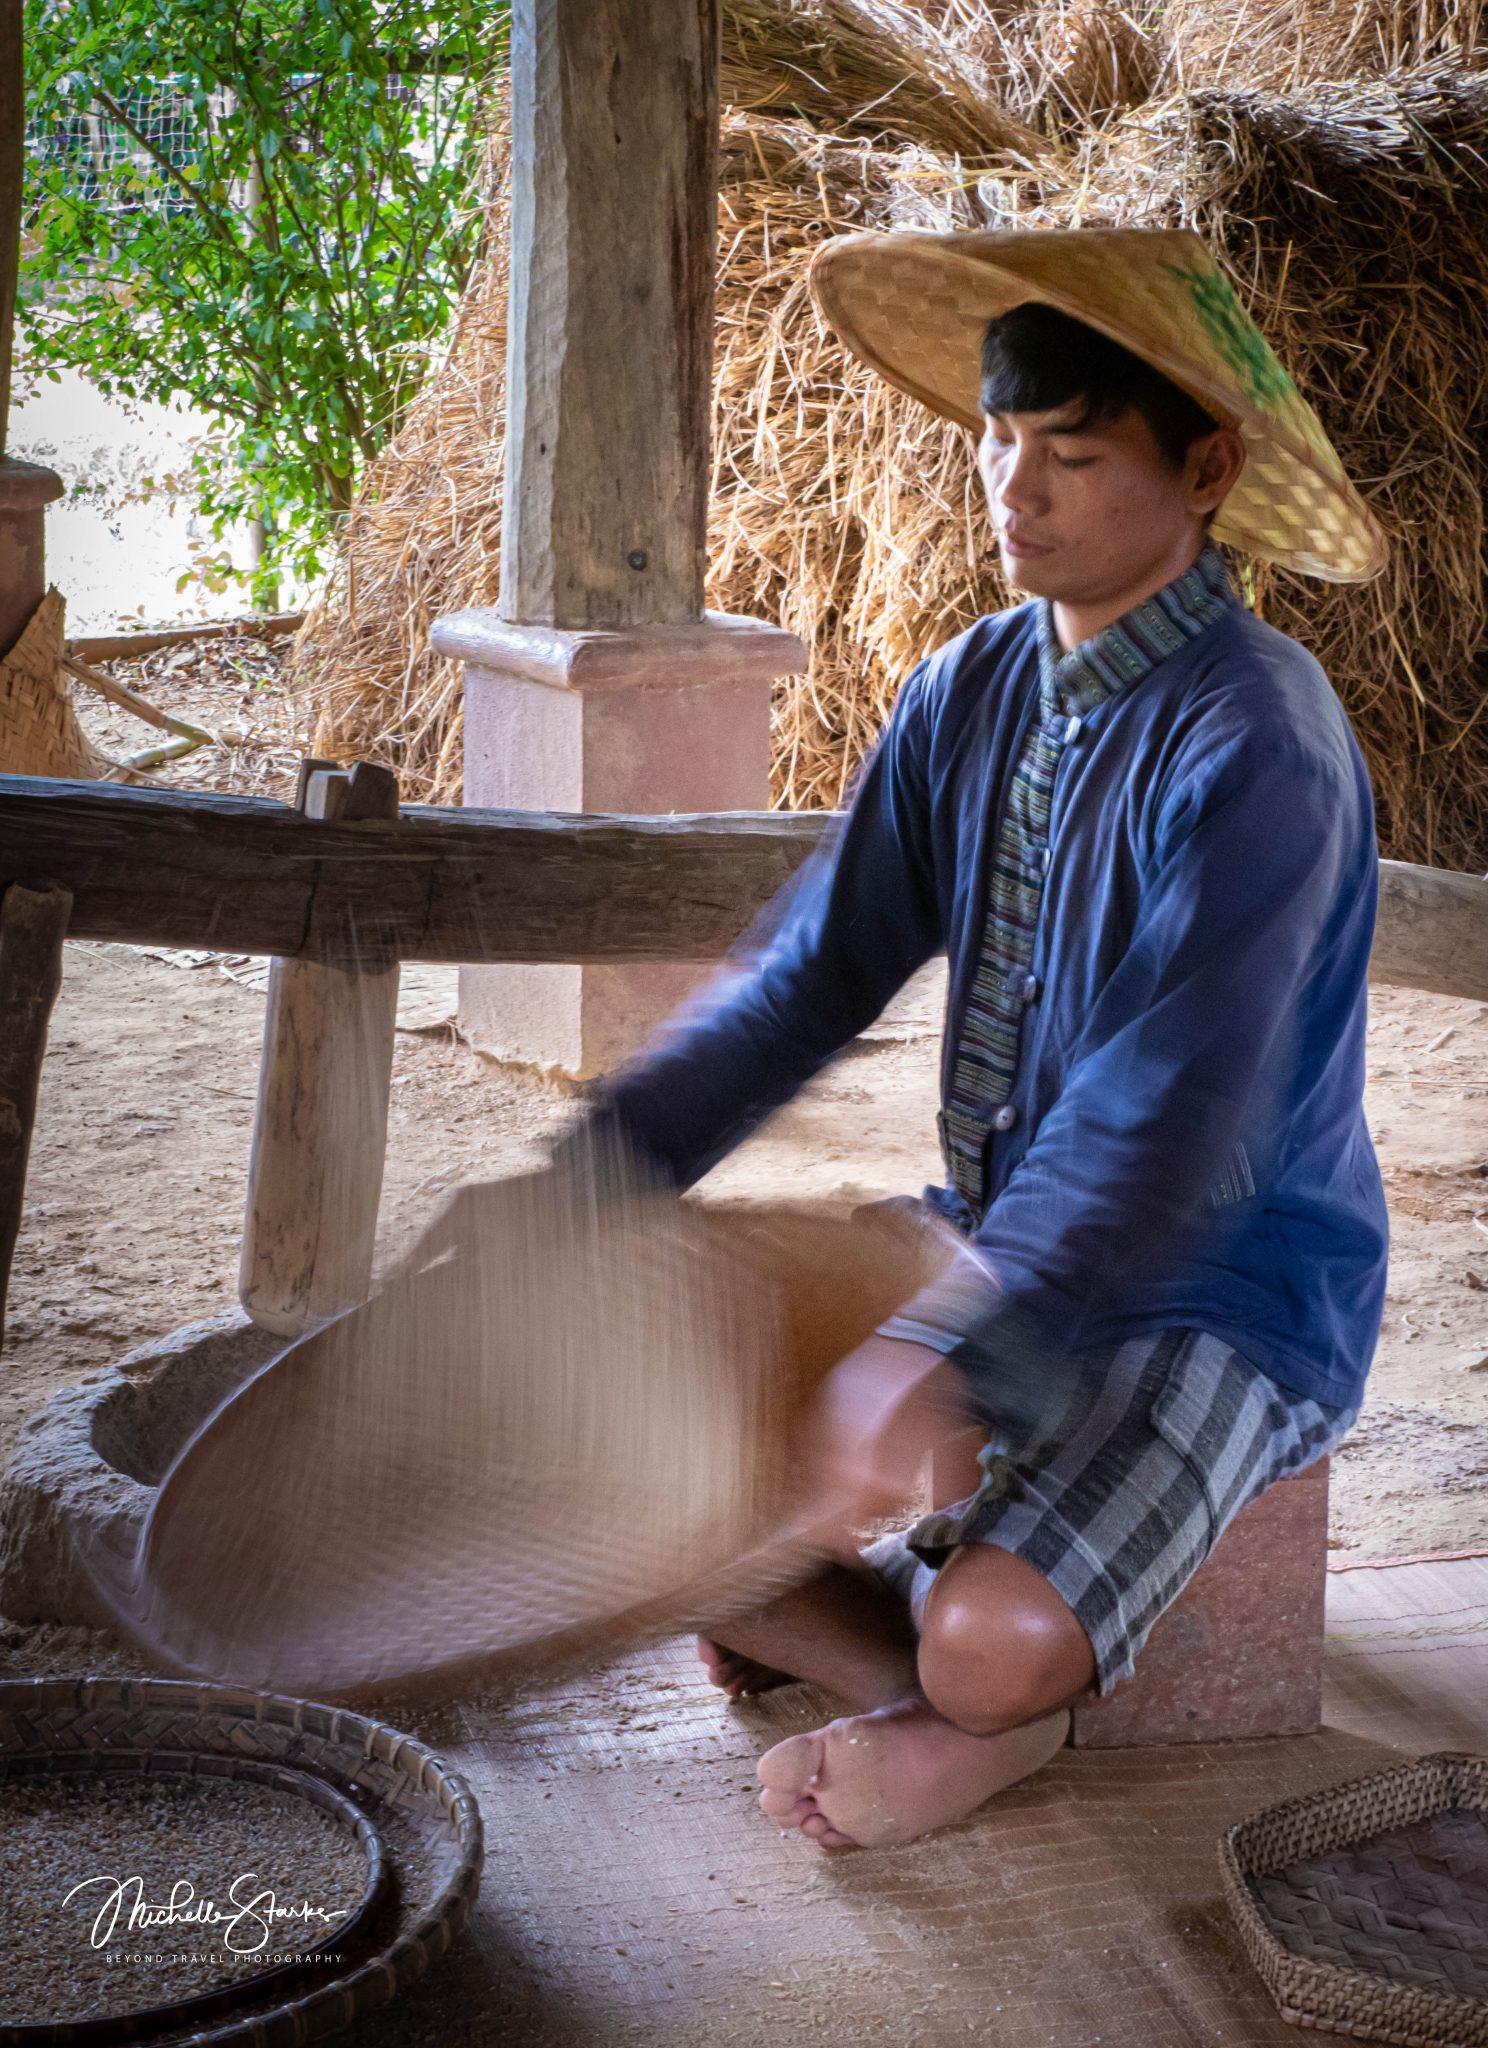 Separating Rice, Luang Prabang, Laos 11/5/19